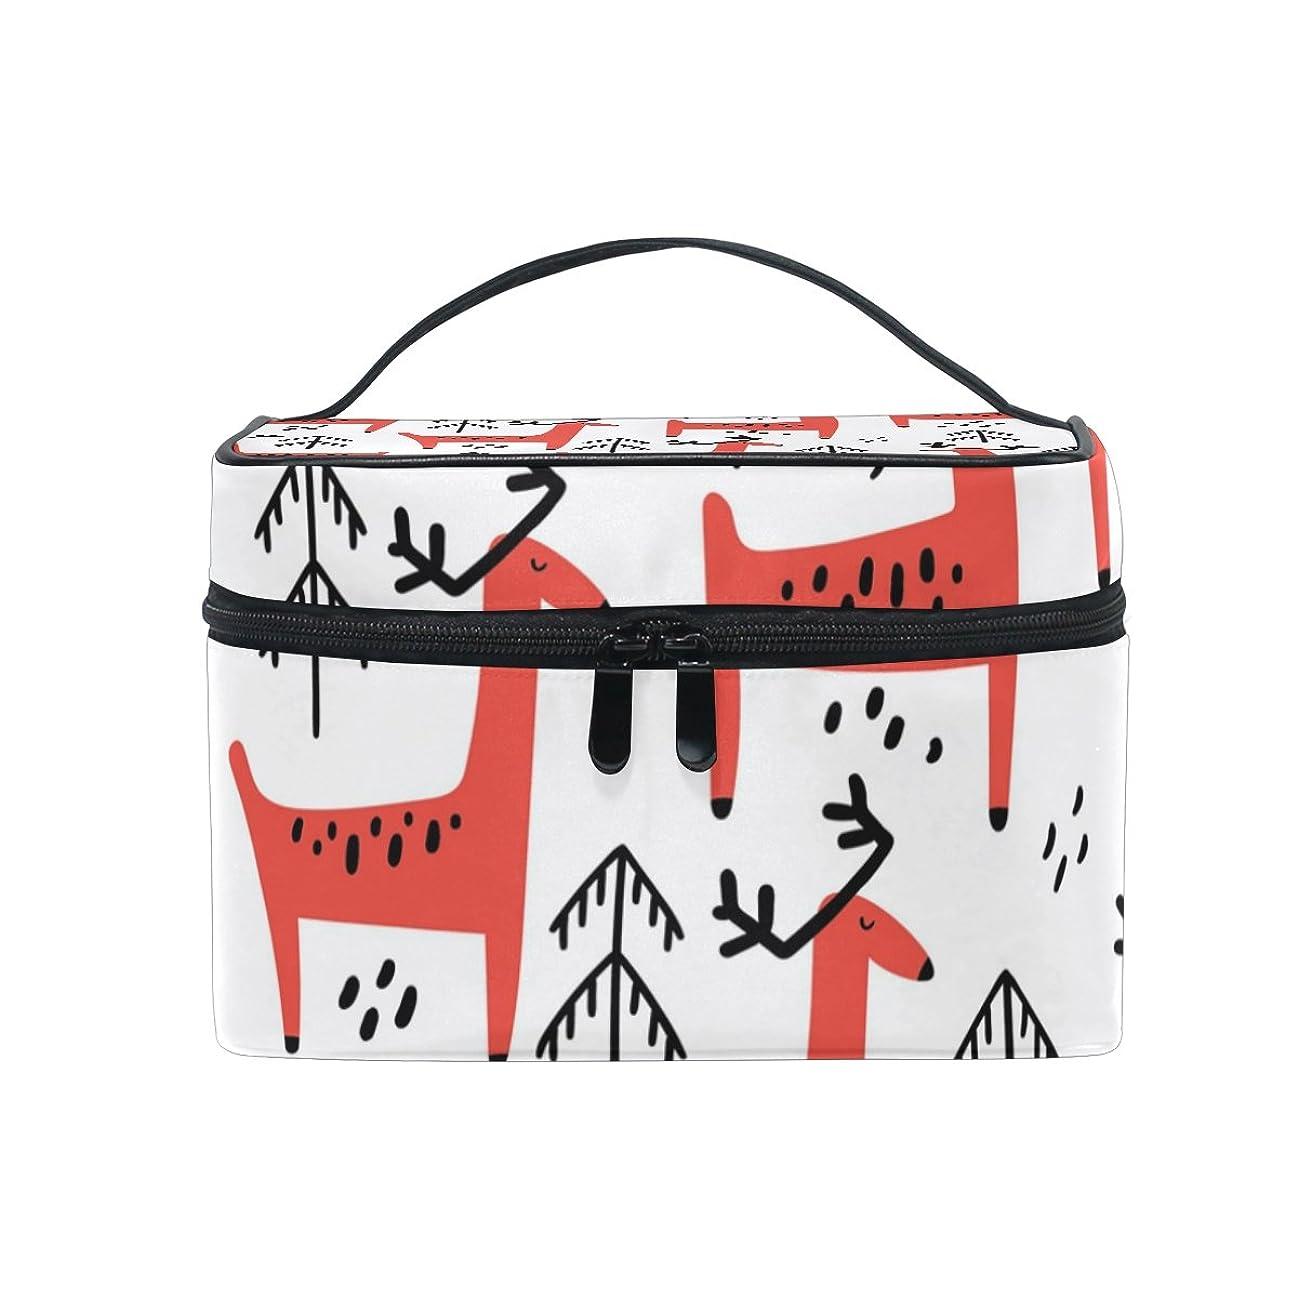 競争力のあるテープ抱擁ALAZA 化粧ポーチ 鹿柄 しか柄 化粧 メイクボックス 収納用品 ホワイト 大きめ かわいい